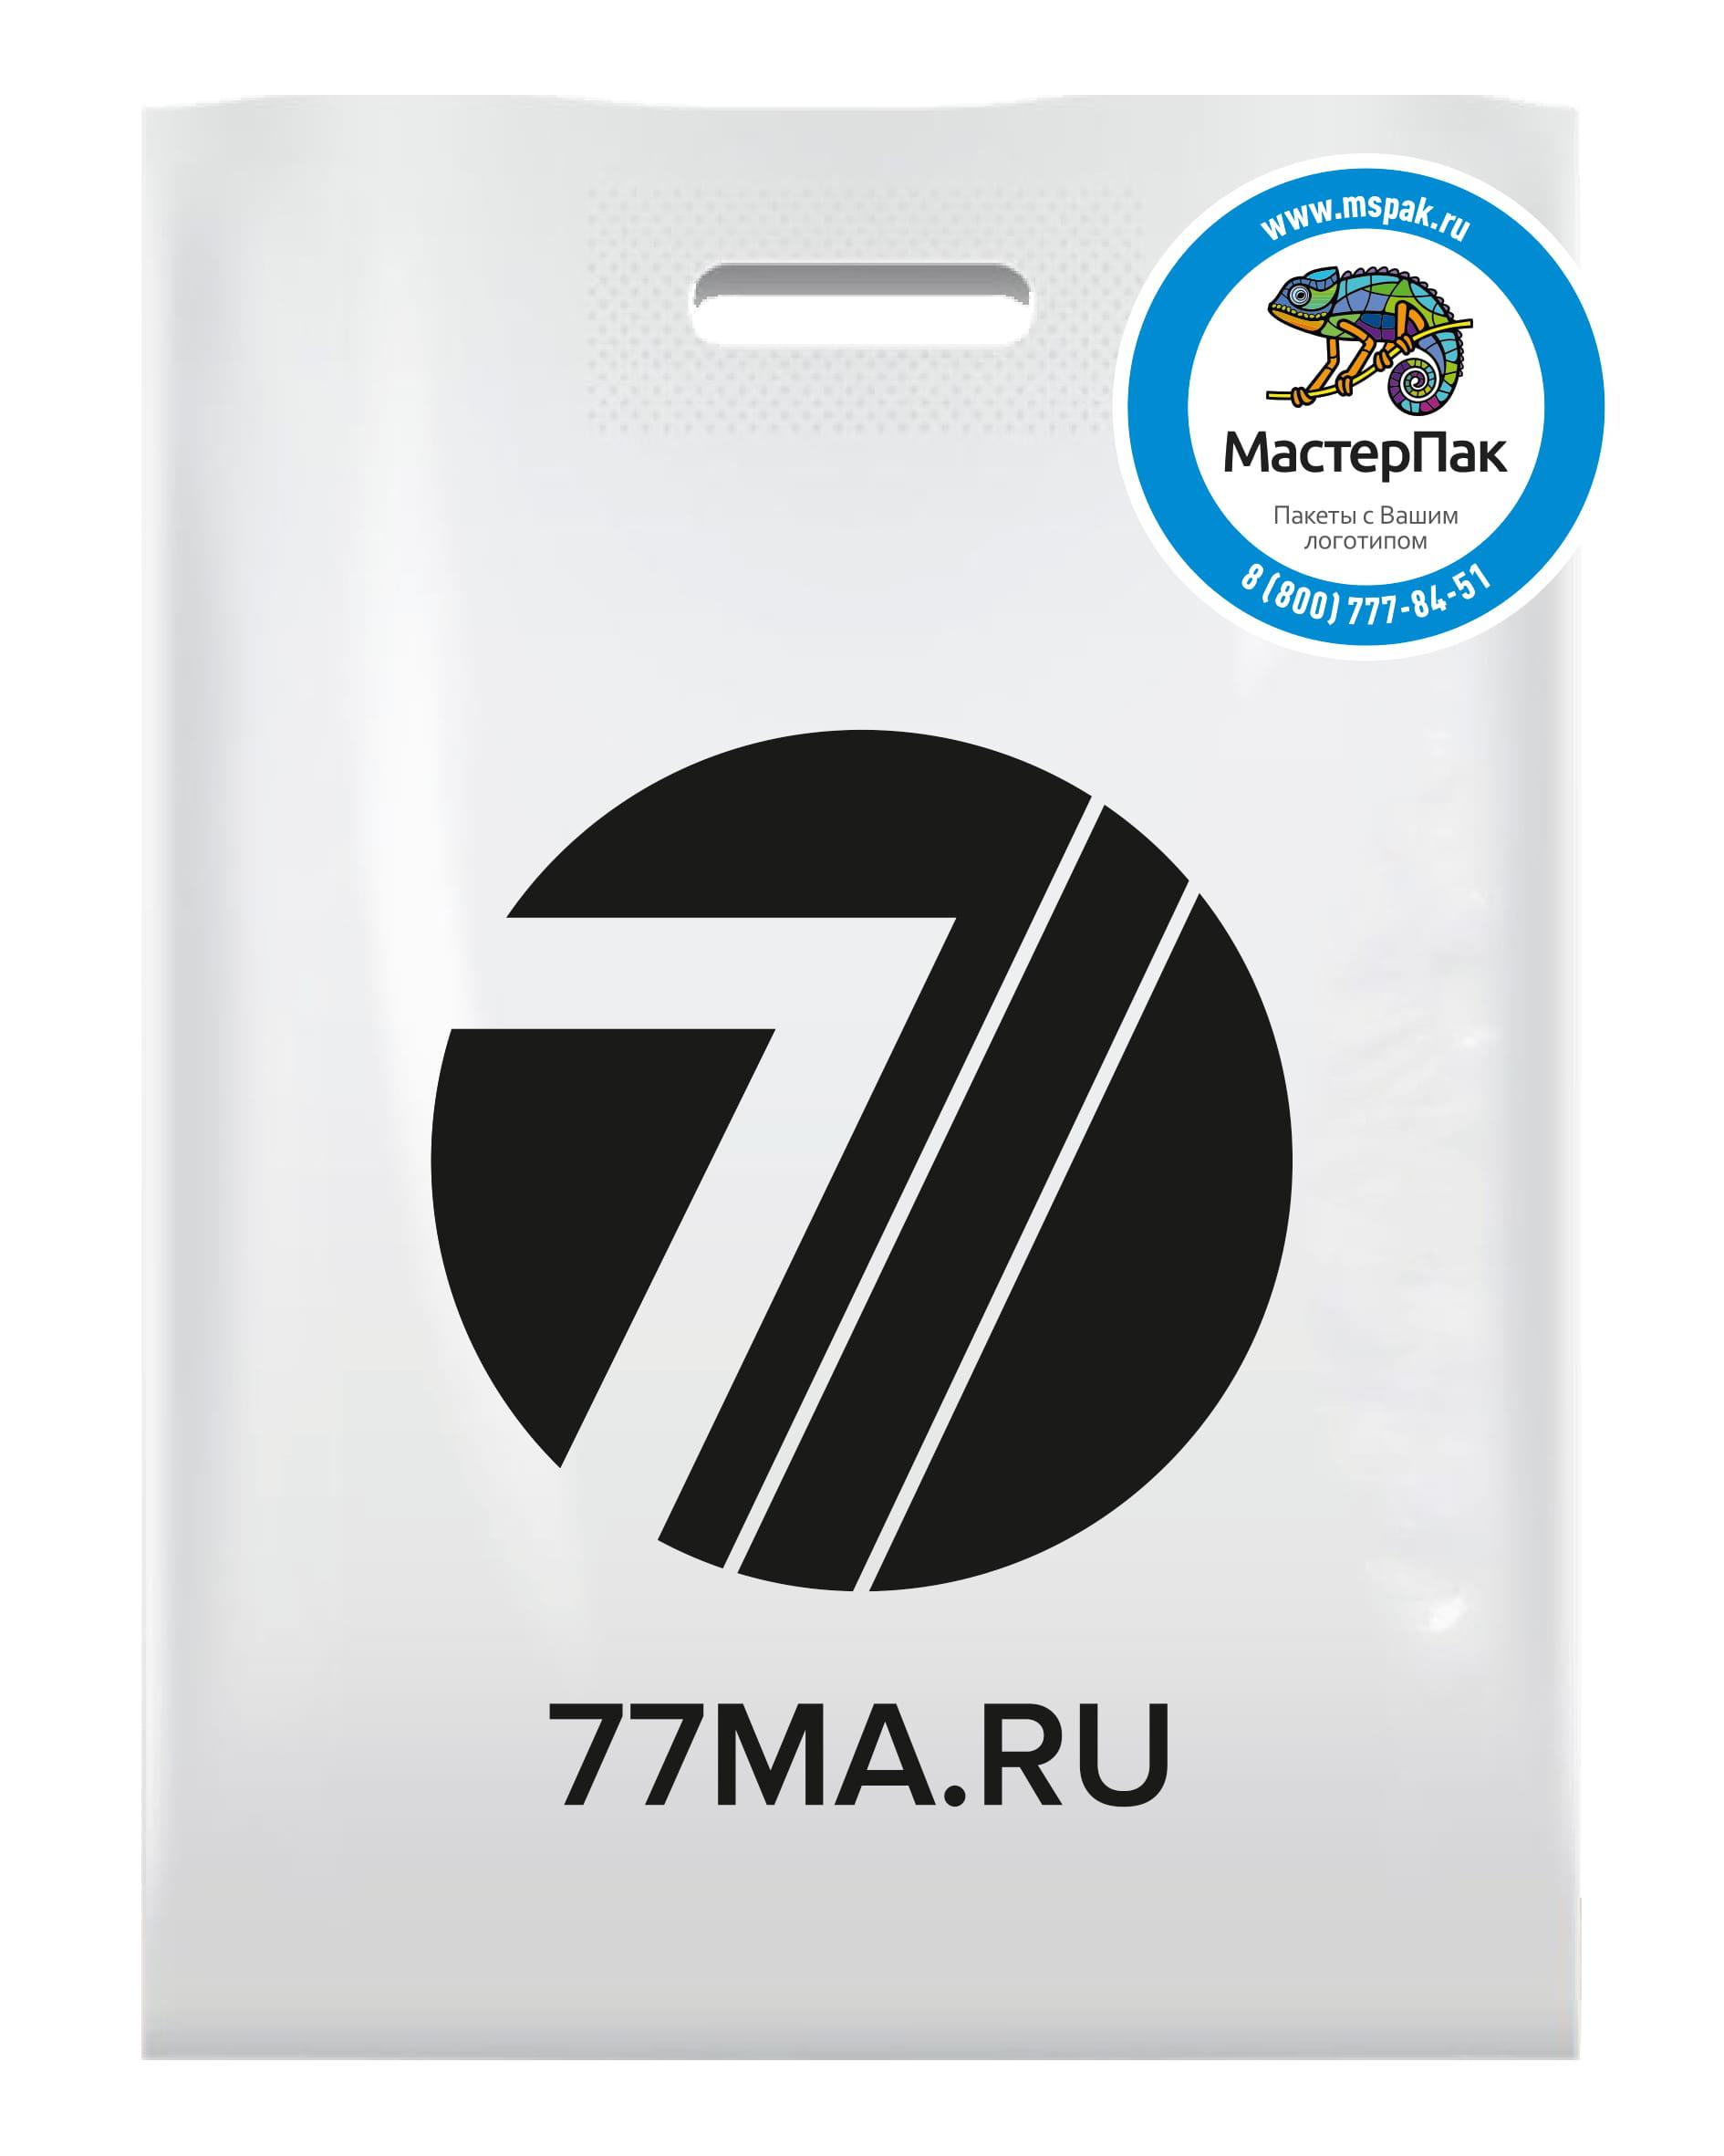 Пакет ПВД с вырубной ручкой и логотипом 77МА.RU, Москва, 70 мкм, 38*50